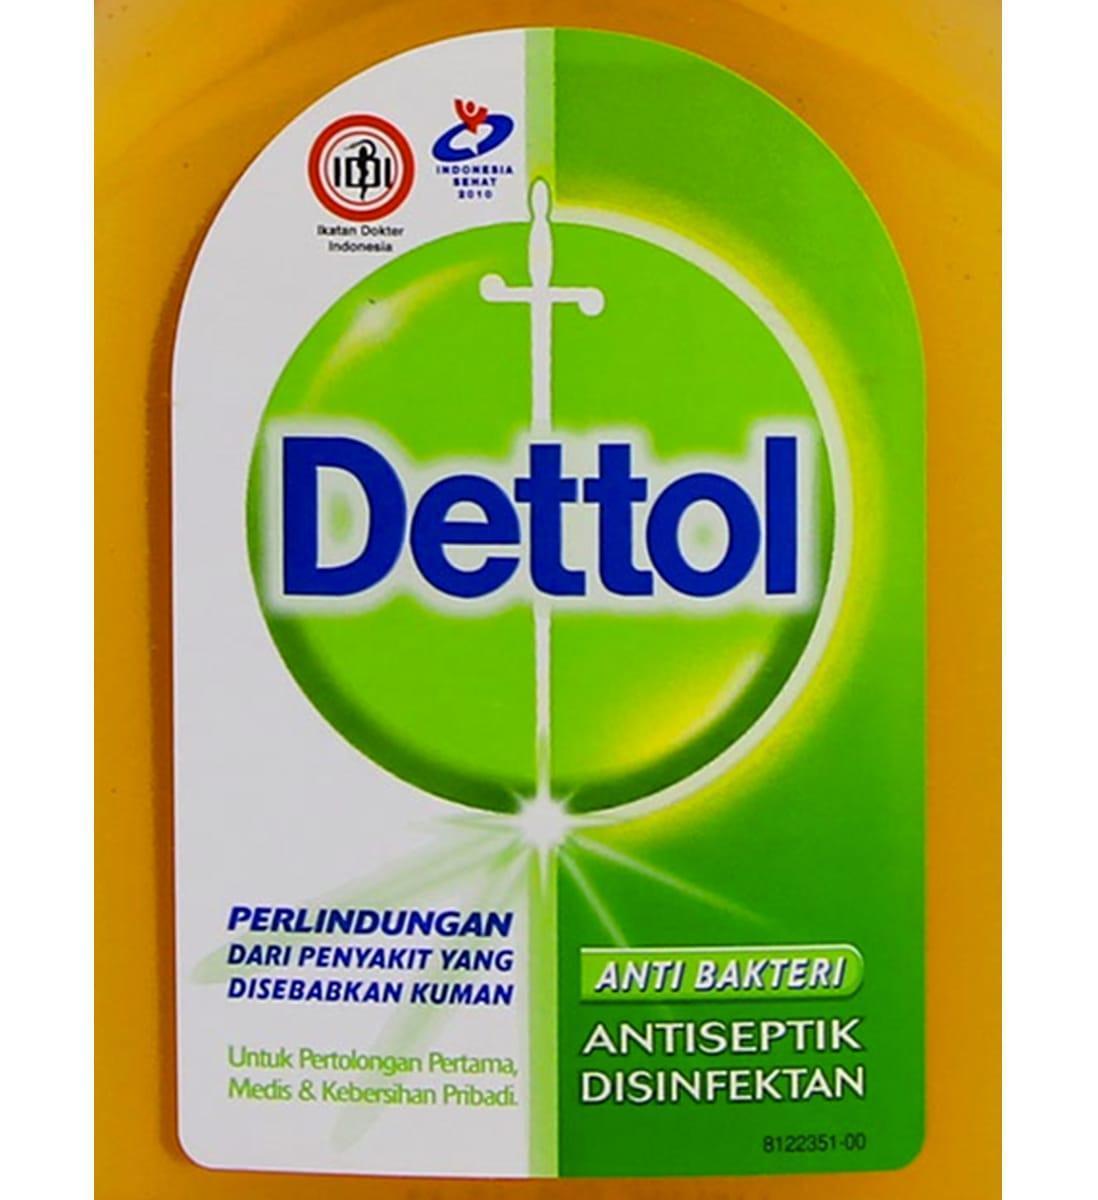 Kelebihan Dettol Liquid Antiseptic Botol 250ml Terkini Daftar Antiseptik Cair 100ml 3